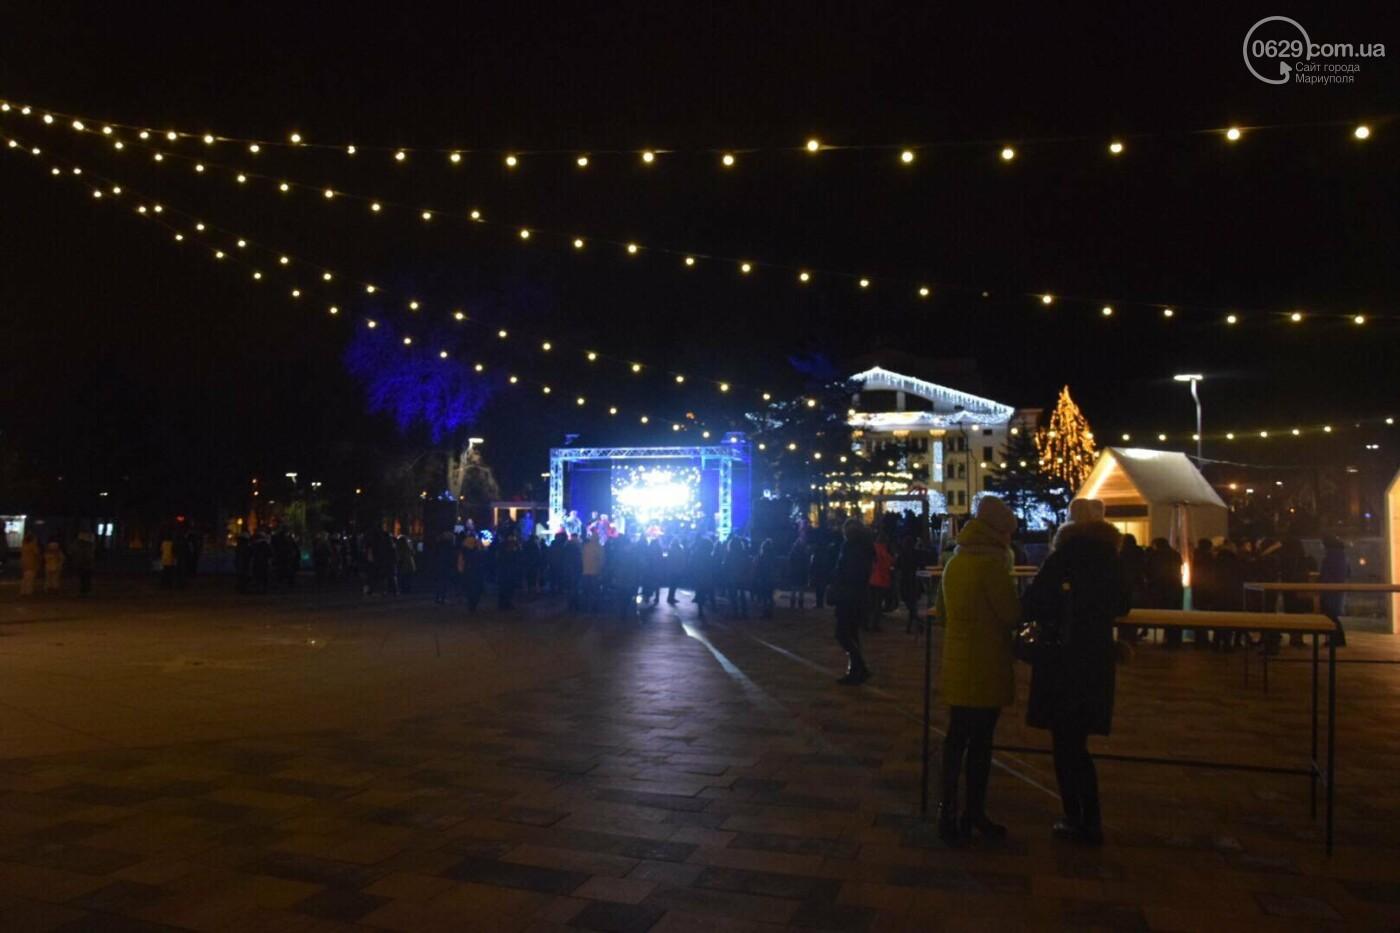 Мариупольцы отметили католическое Рождество, - ФОТО, ВИДЕО, фото-5